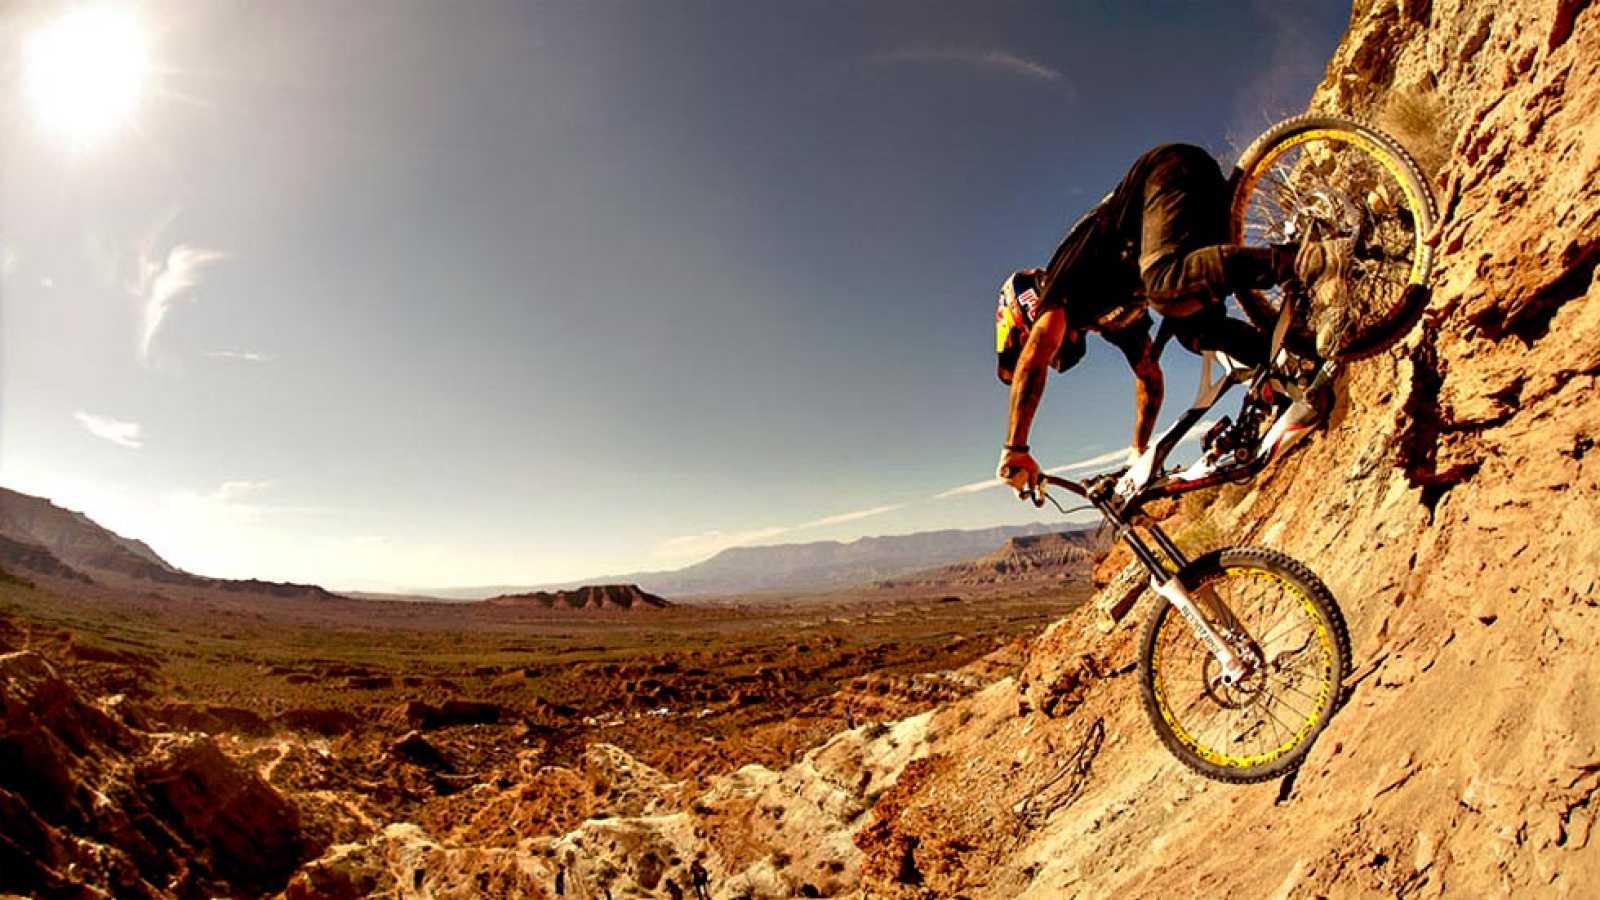 Este 2015 se disputaba la décima edición de este mega evento que se disputa en Virginia, Utah (USA), y que reúne a los mejores y más descarados freeriders del panorama internacional, entre ellos el español Andreu Lacondeguy.